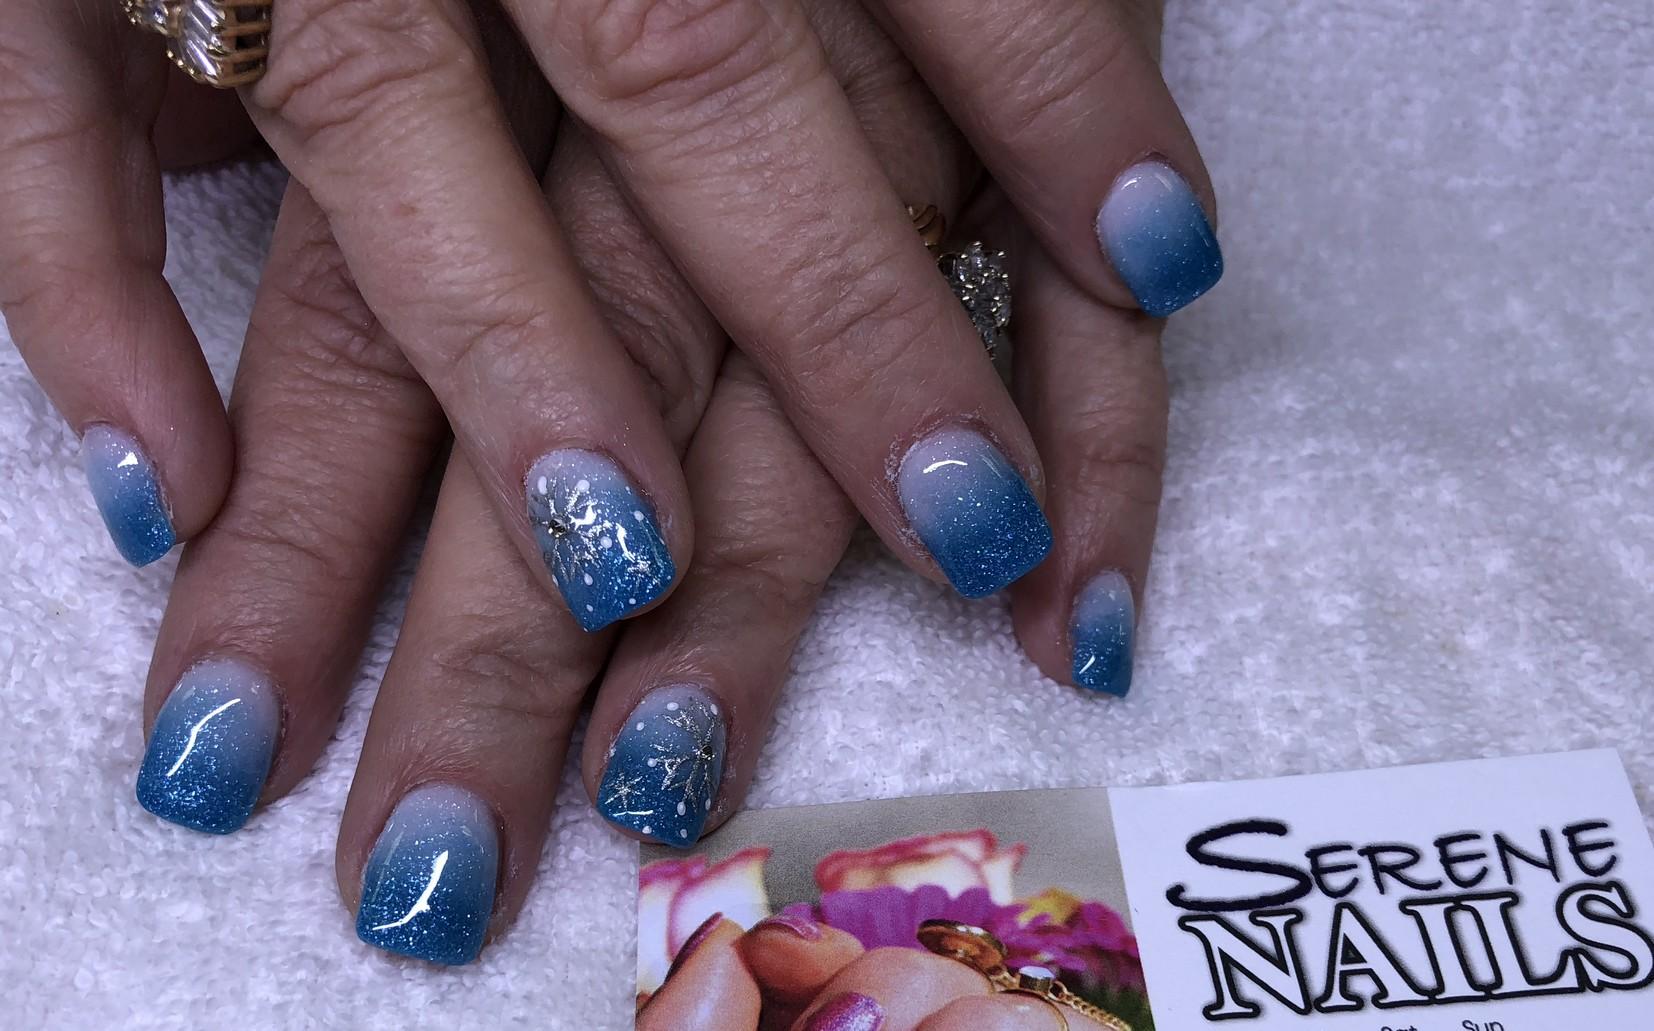 Serene Nails image 92